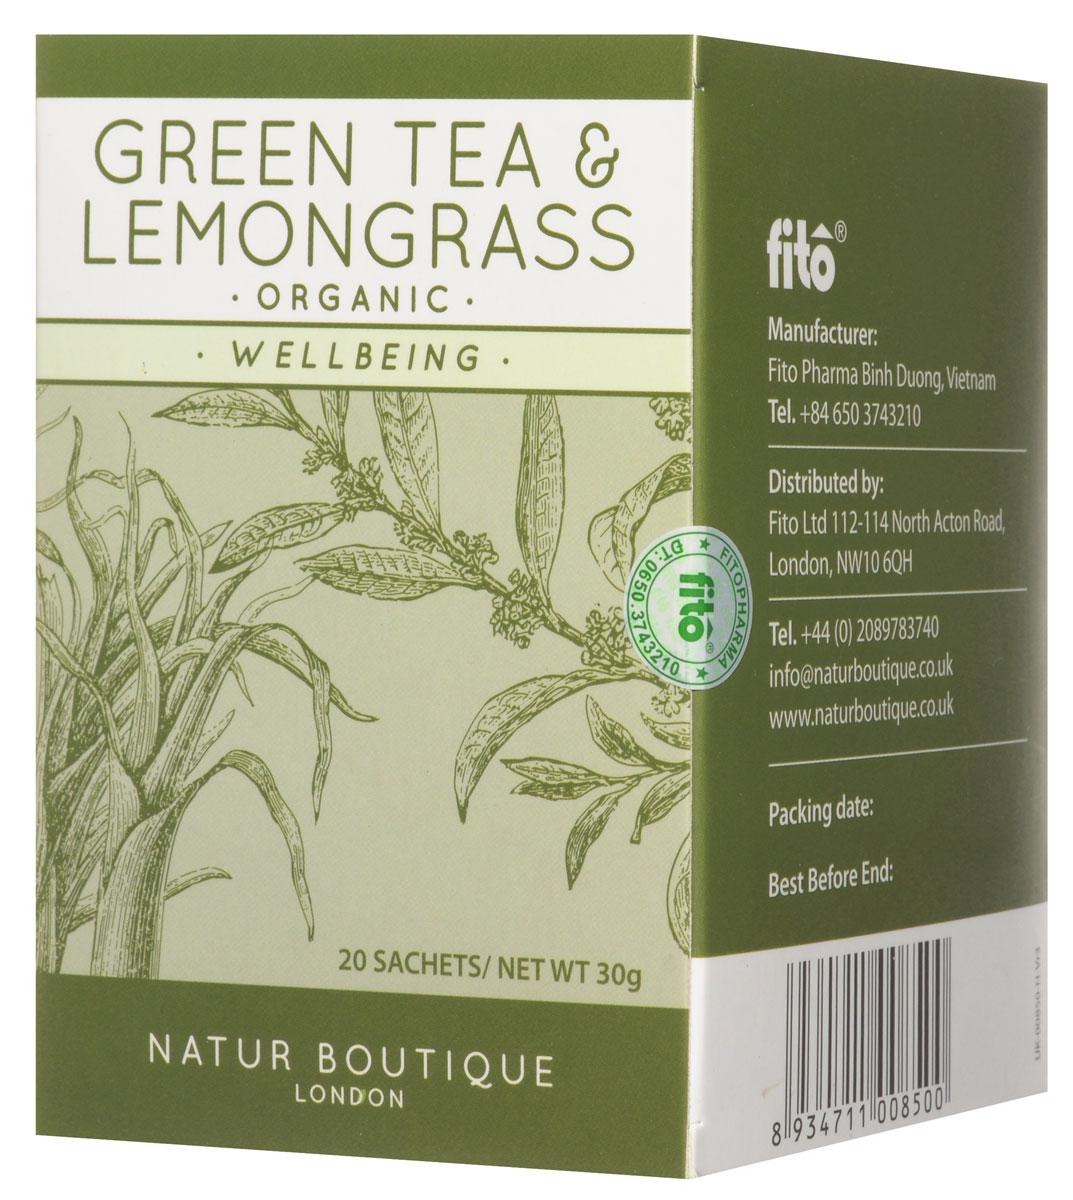 юбка boutique moschino boutique moschino bo036ewovm69 Natur Boutique Lemongrass&Green Tea Organic Tea органический зеленый чай с лемонграссом, 20 пакетиков